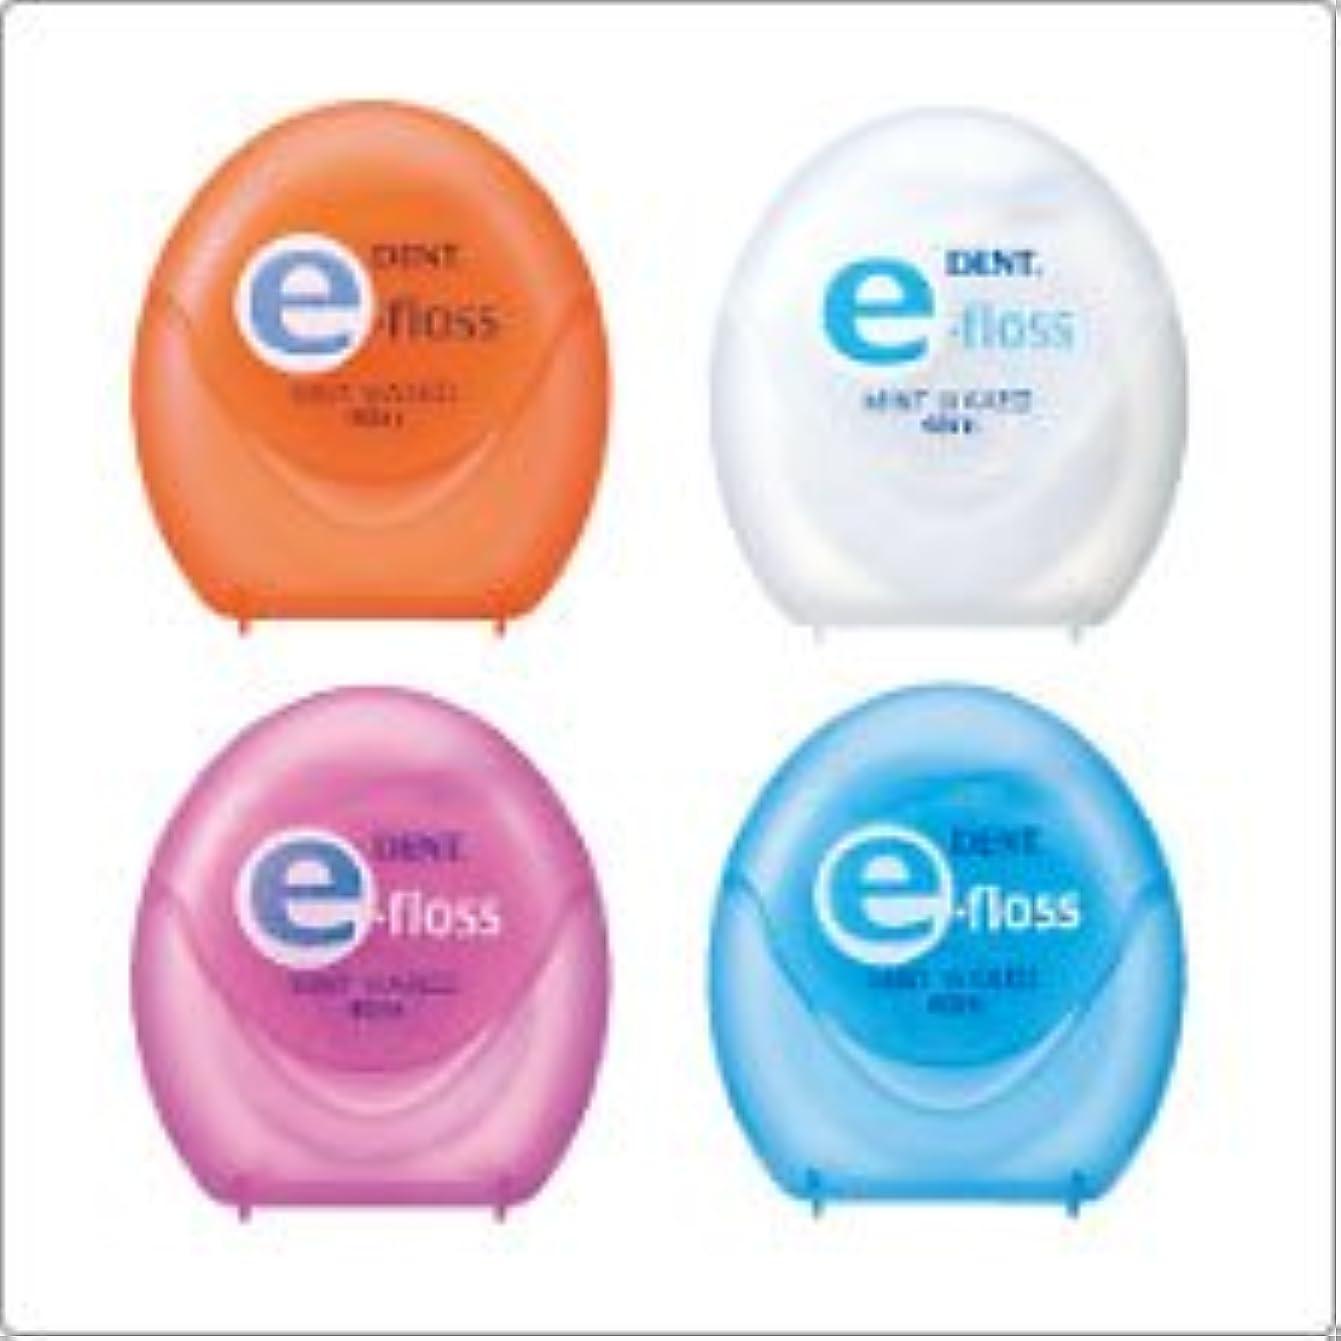 鼻シチリアためにライオン歯科用DENT.e-fross 12個 フロスデント イーフロス